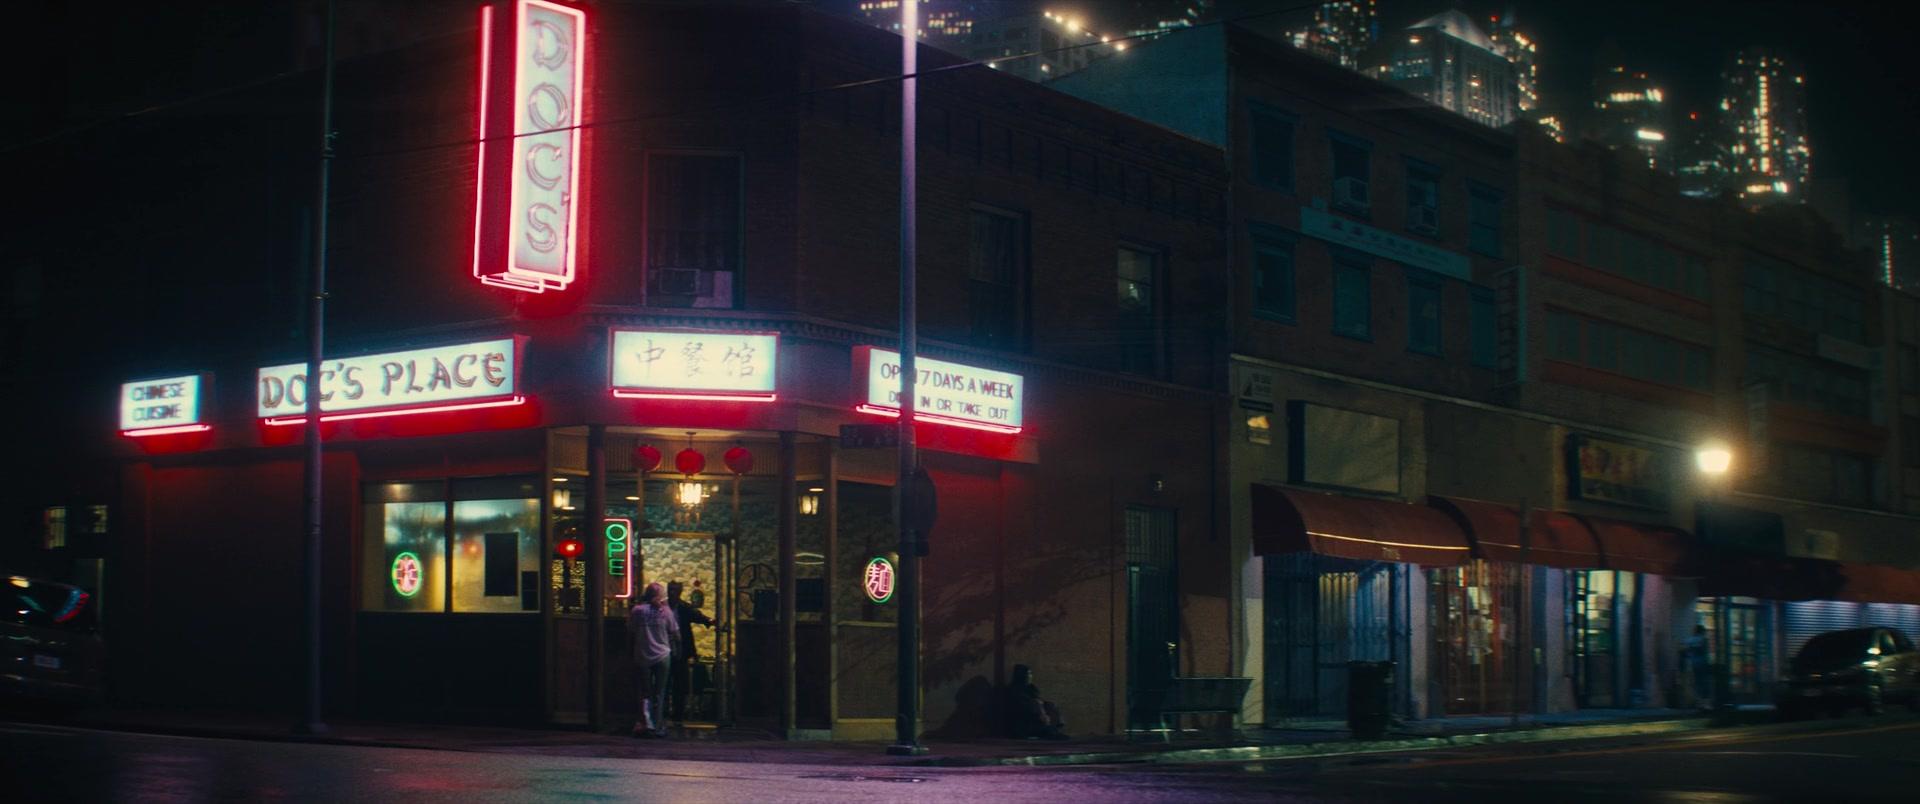 Chinatown, Gotham City